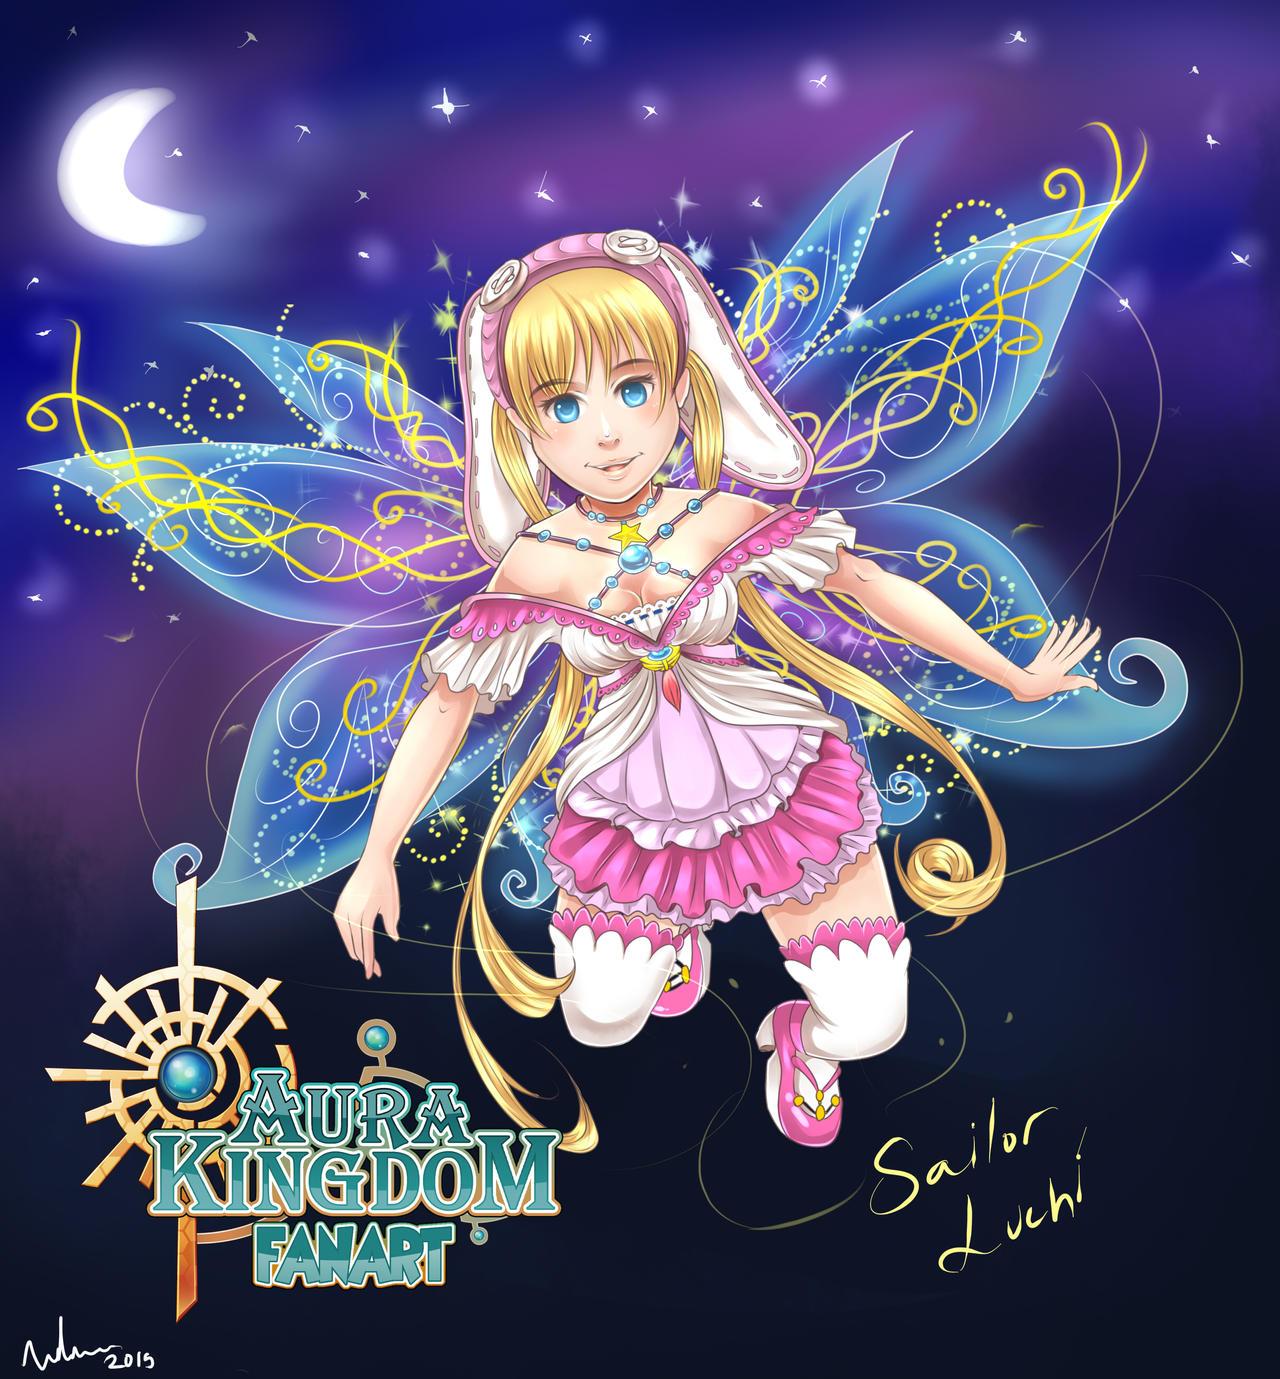 Mangareader Kingdom 545: Aura Kingdom Fanart _ Salior Luchi By SoleWorker On DeviantArt